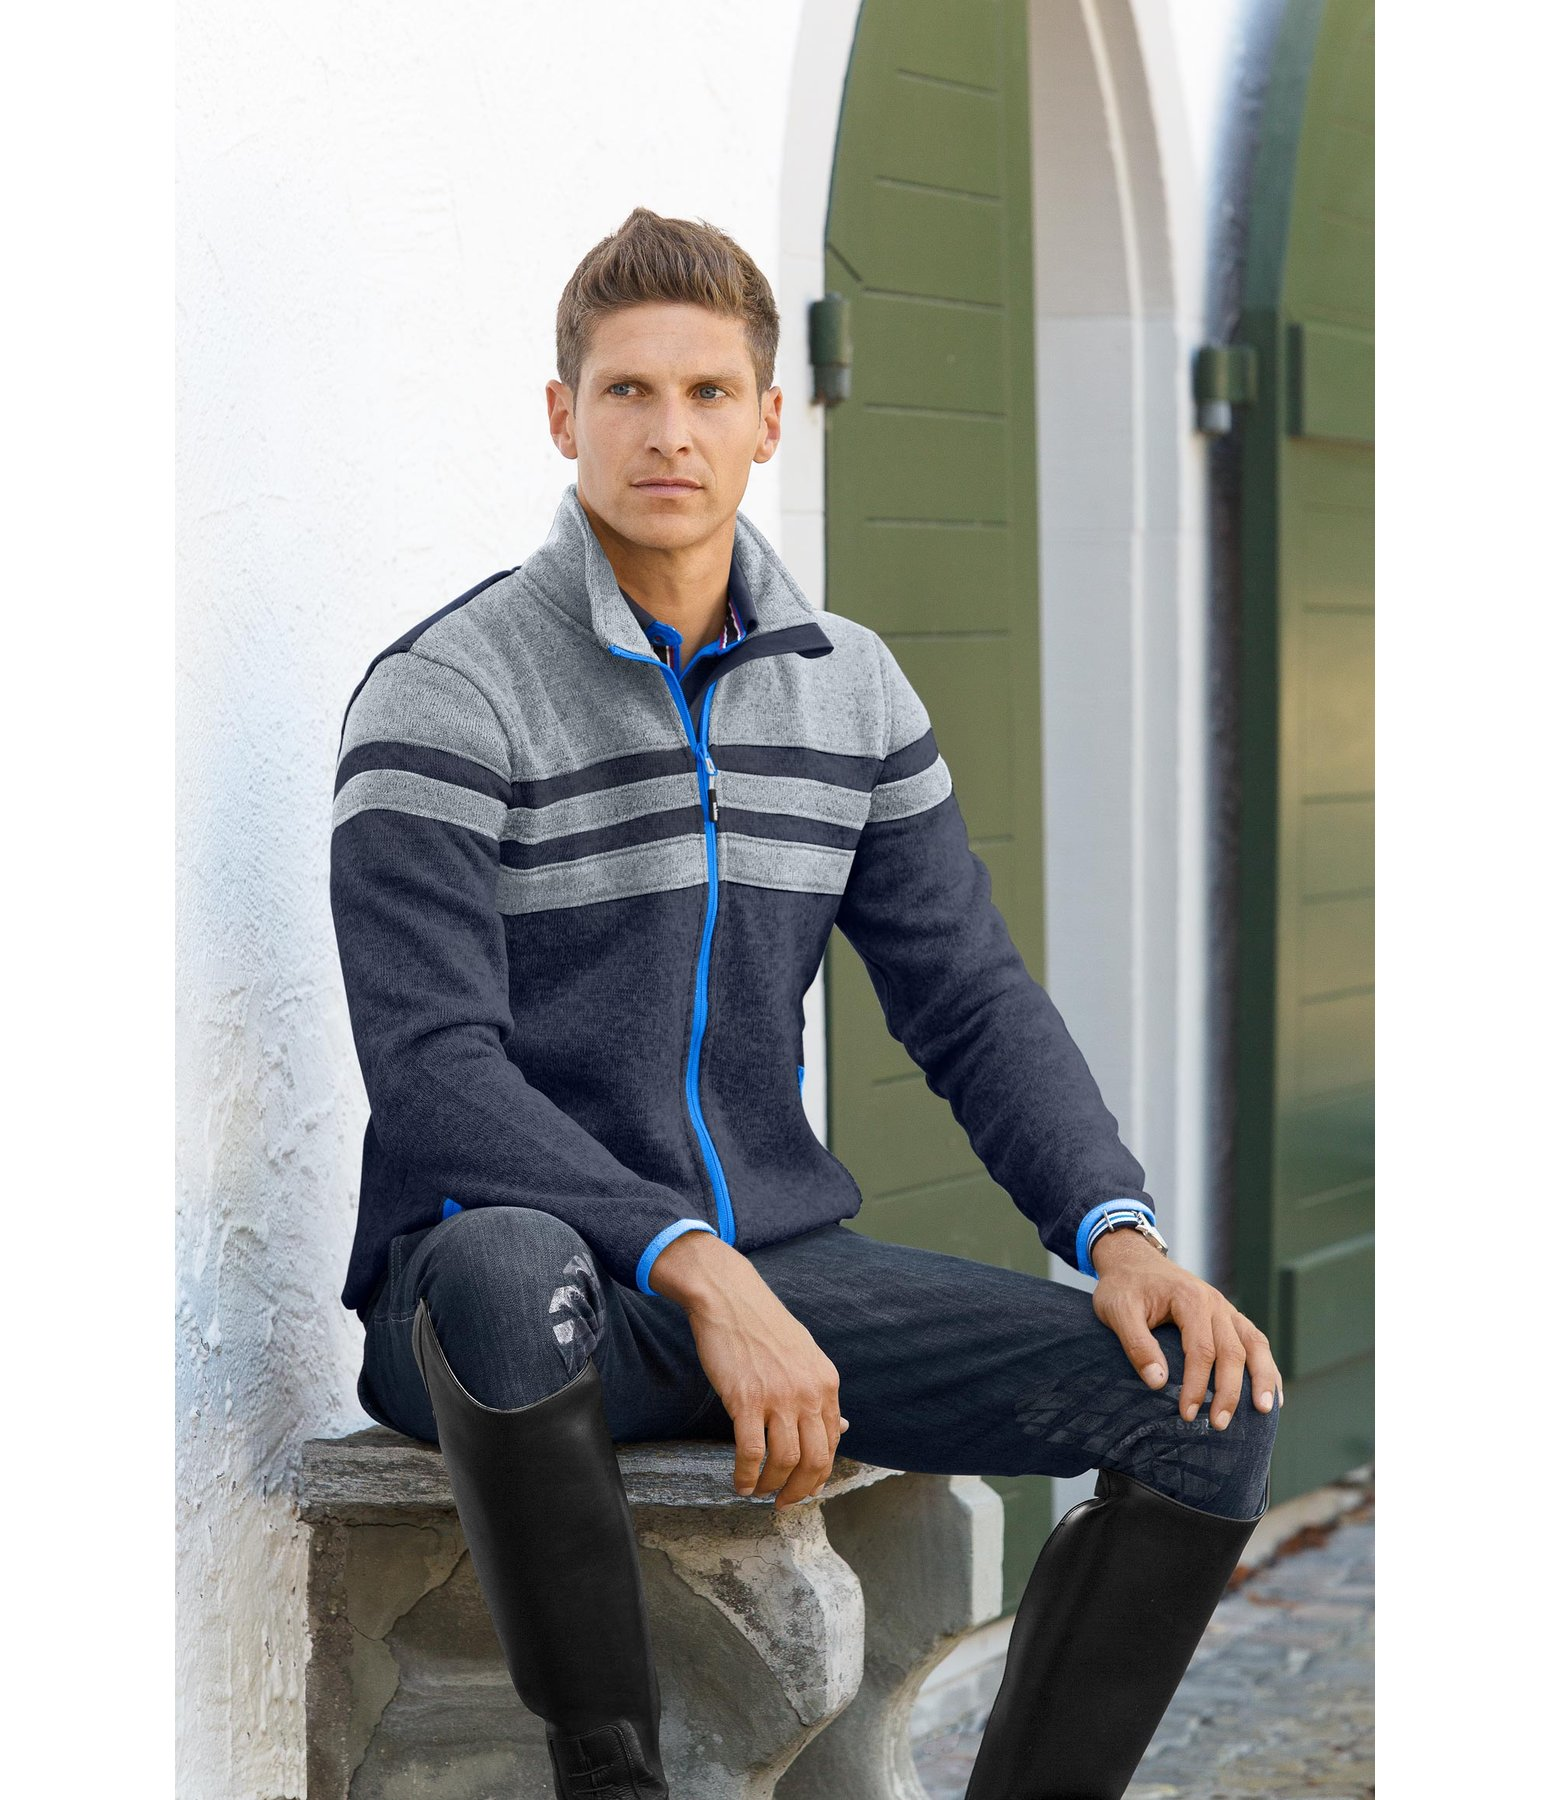 Felix Bühler Veste polaire tricot homme Maximilian - 652153-XXL-NV - 4 4e56b57d2ea1